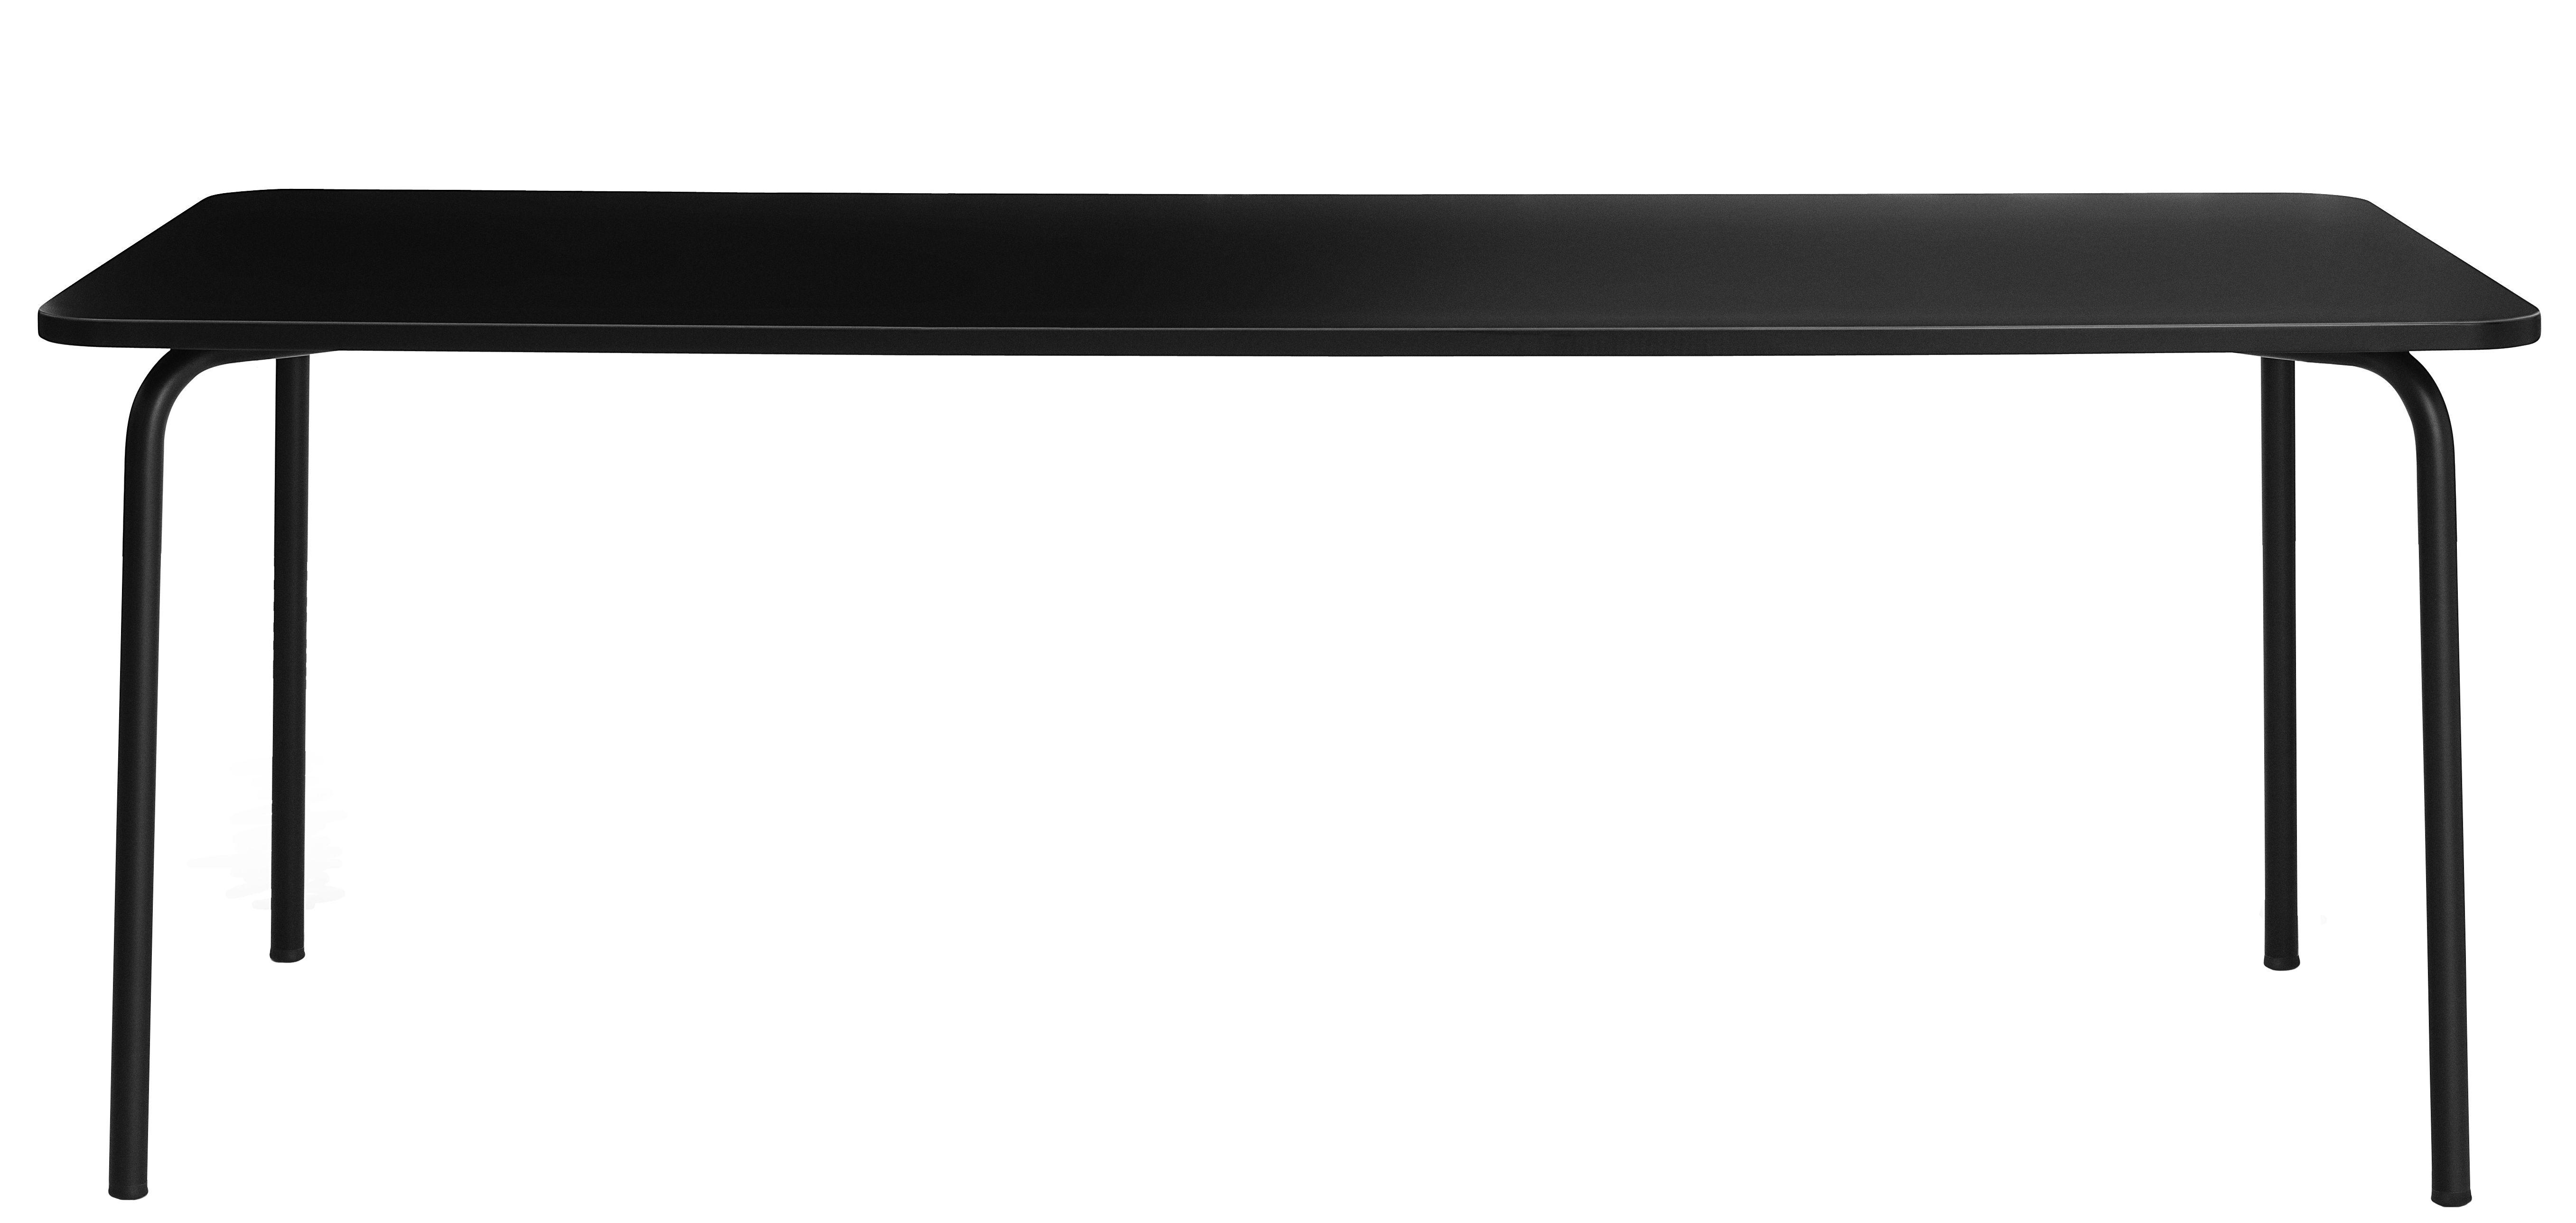 Mobilier - Tables - Table rectangulaire My Table Large / 200 x 90 cm - Normann Copenhagen - Noir - Acier laqué, Laminé